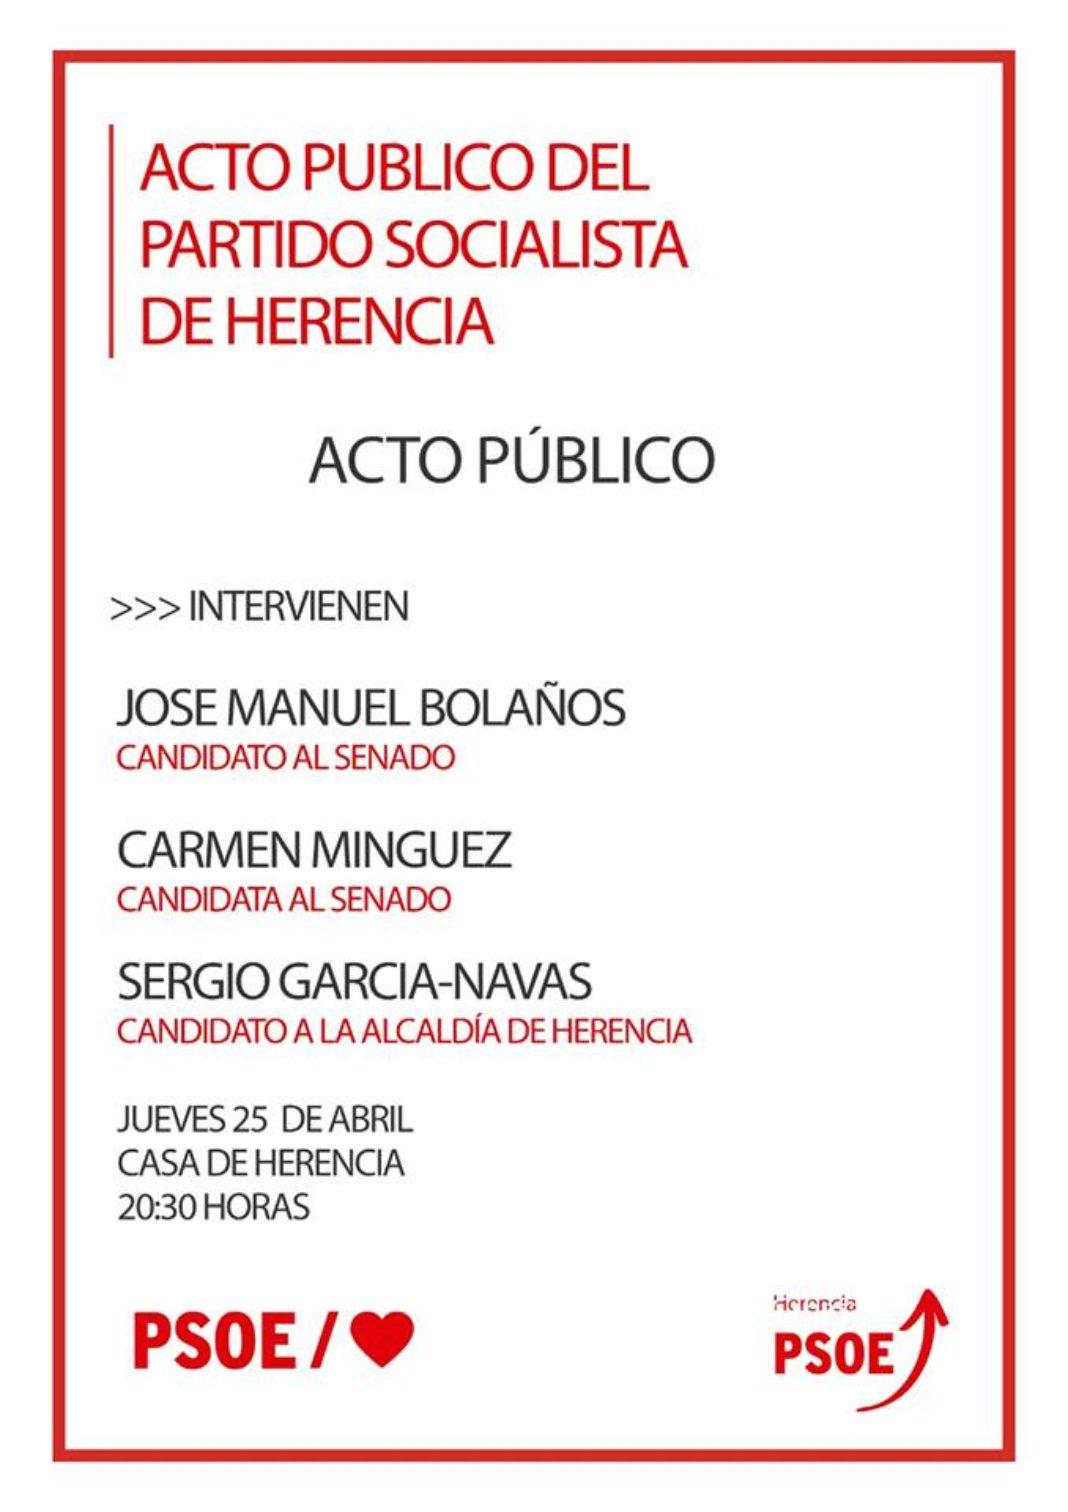 Acto público del PSOE en la Casa de Herencia 4